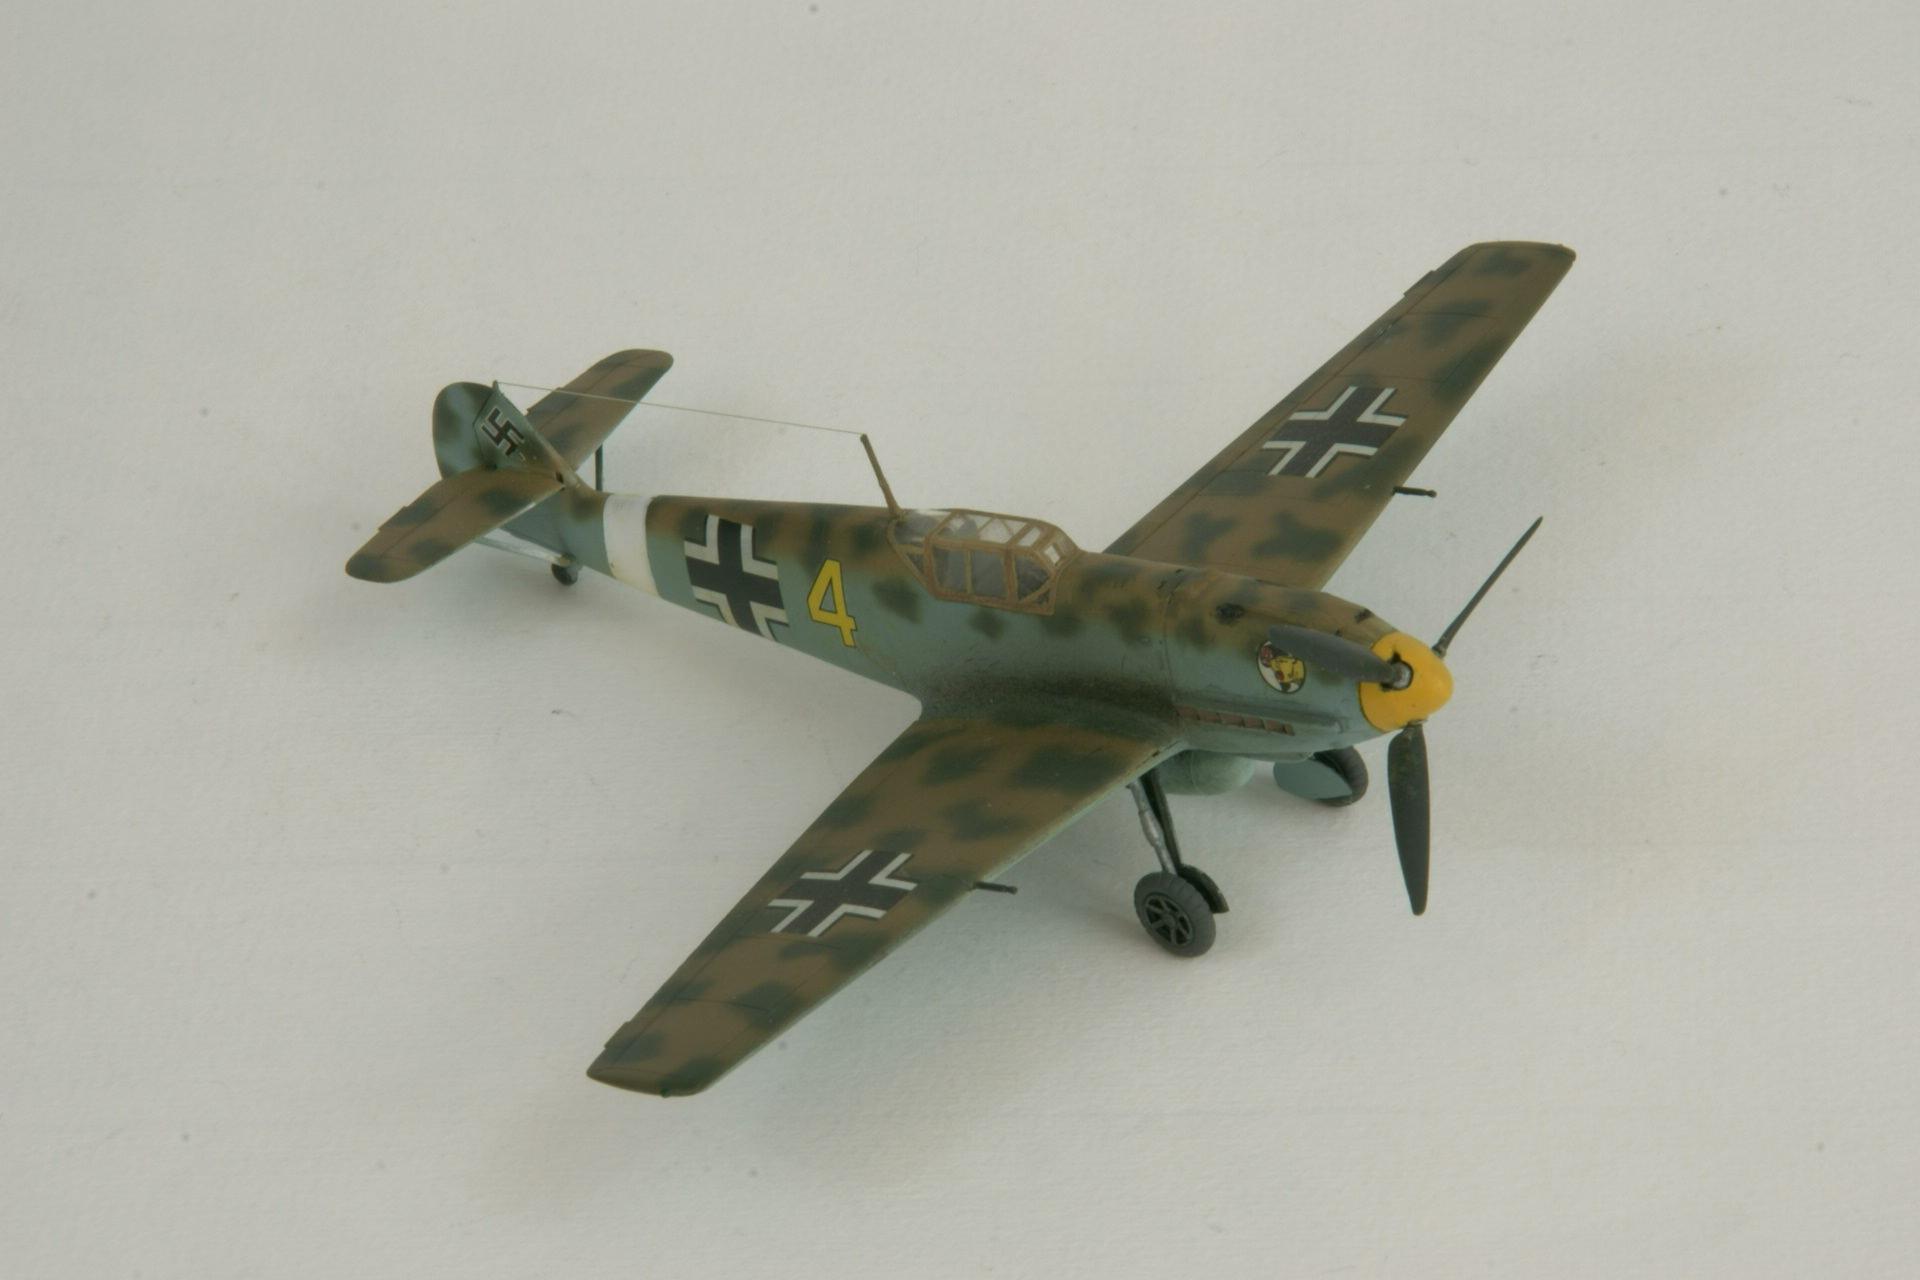 Messerschmitt 109e 4 trop 4